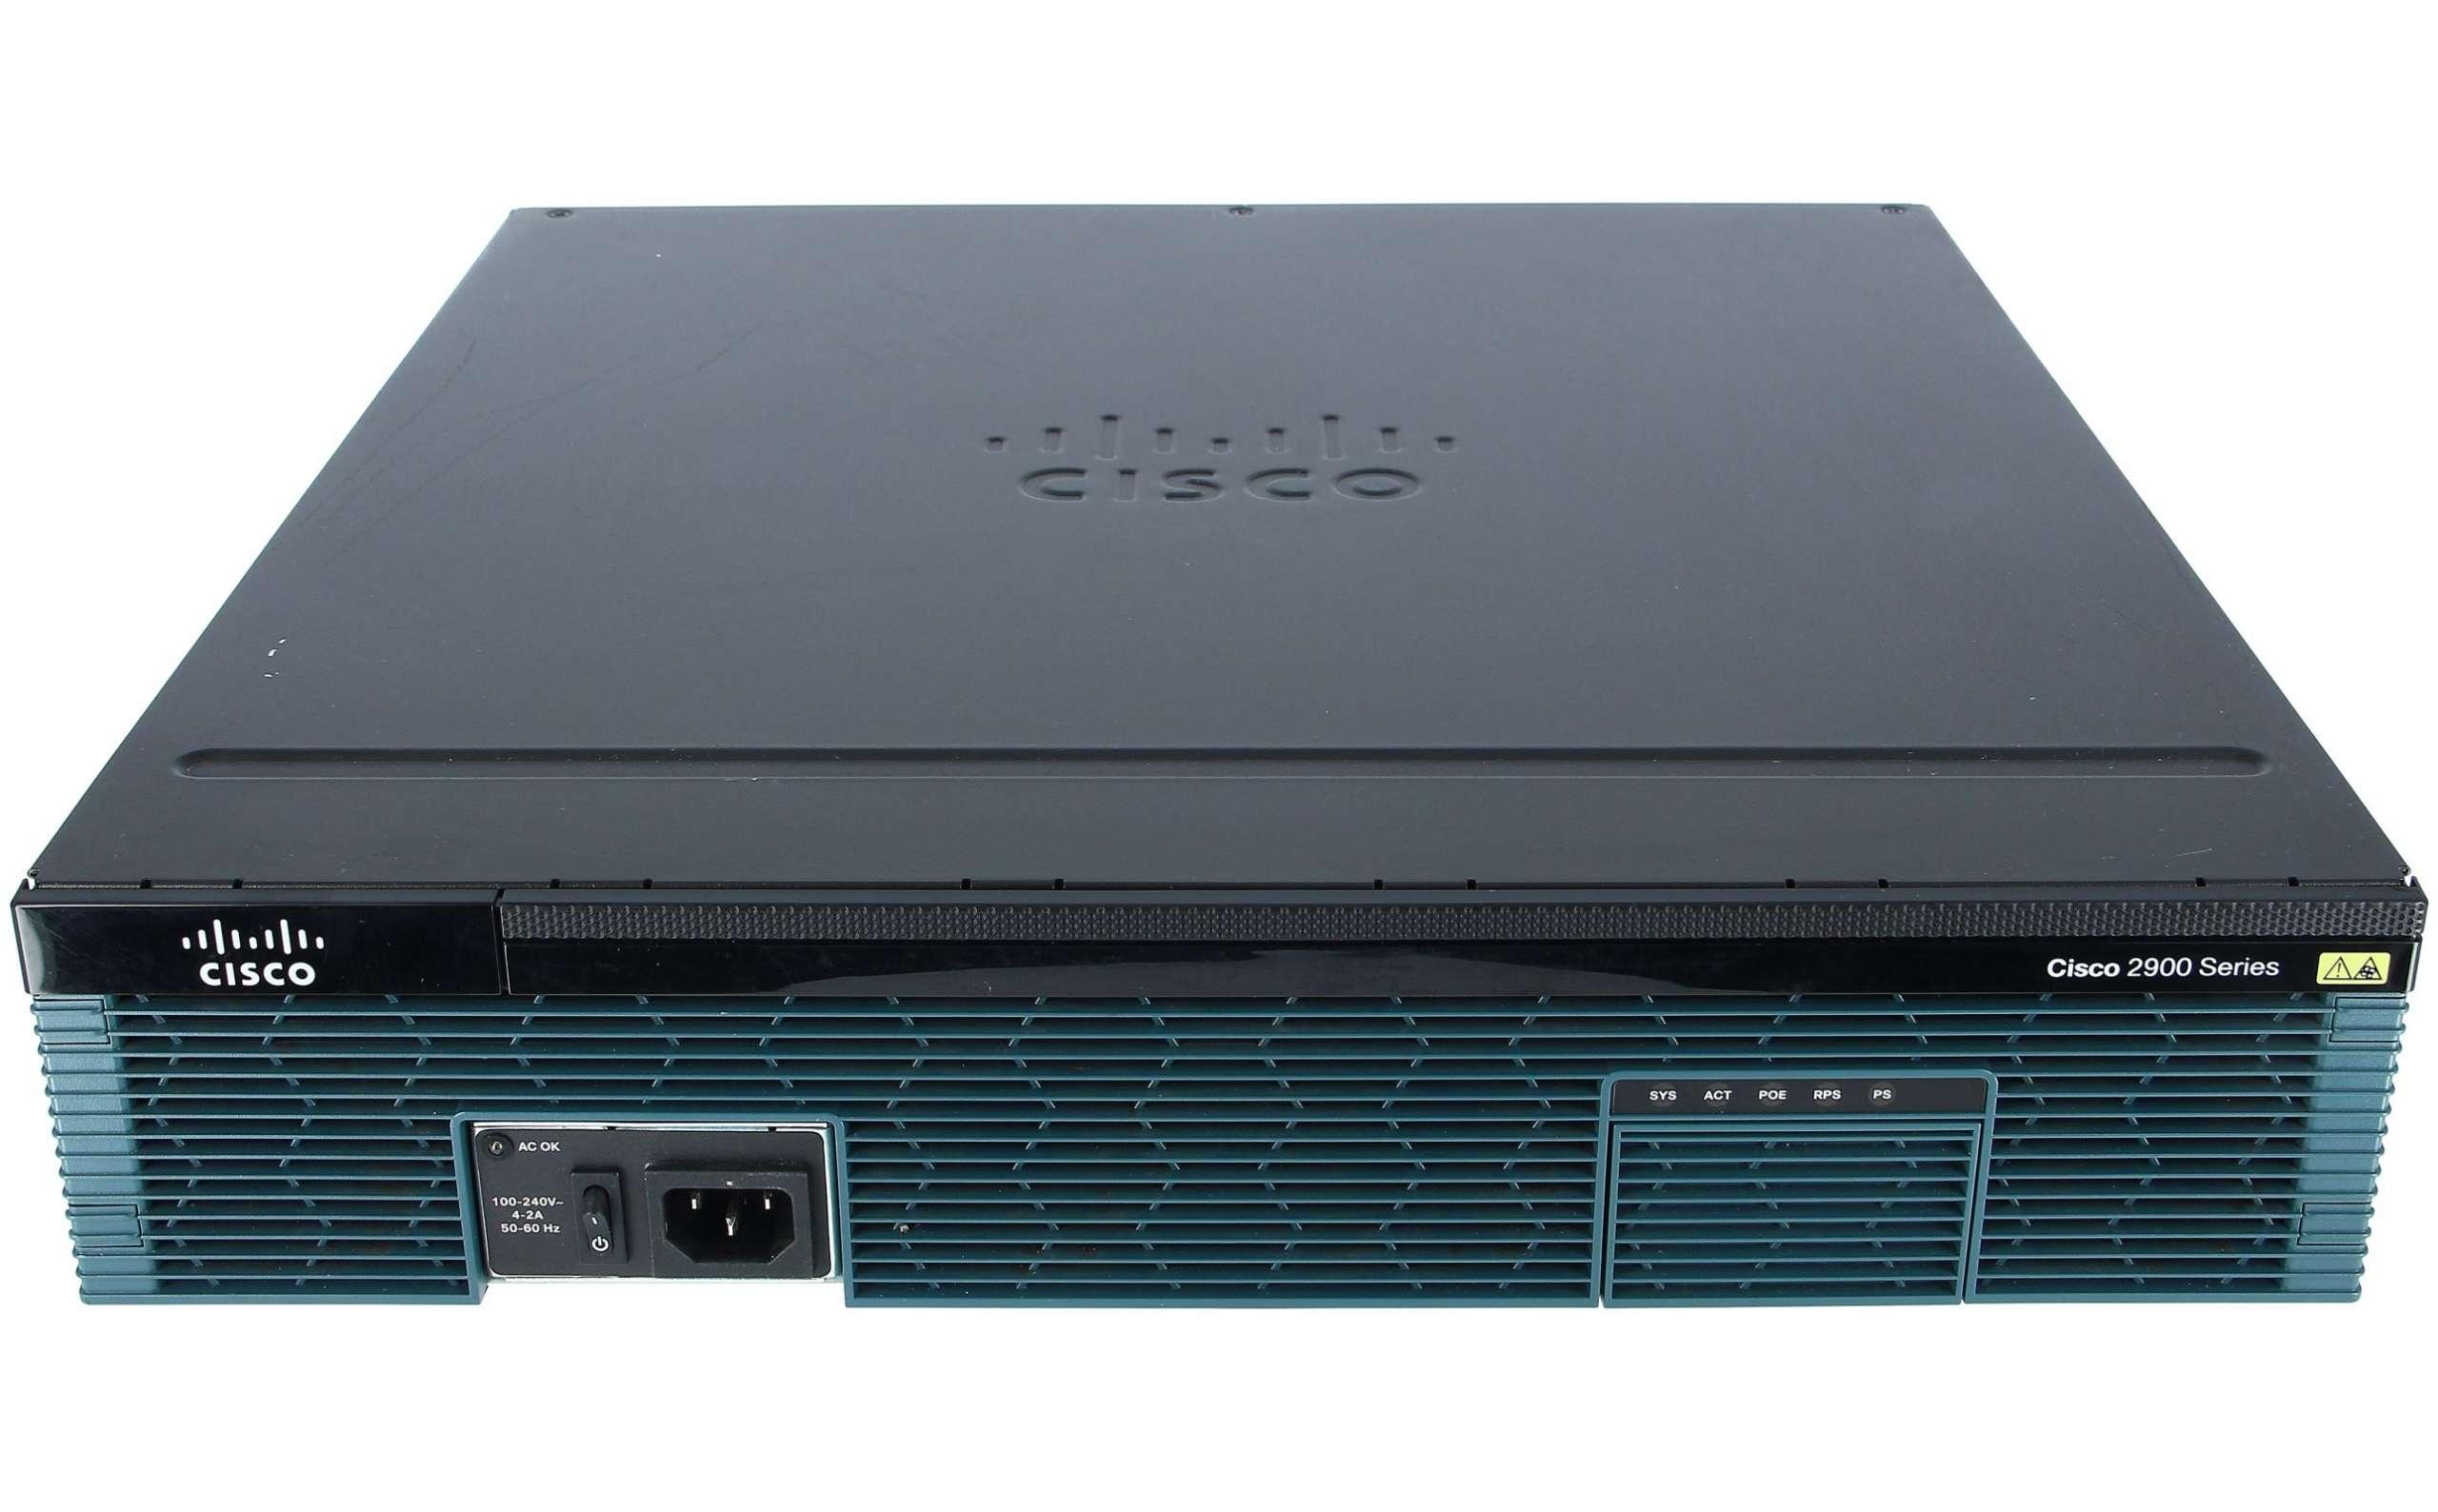 Cisco N2200-PAC-400W-B AC Power Supply for Nexus 3000 switch 90 days warranty